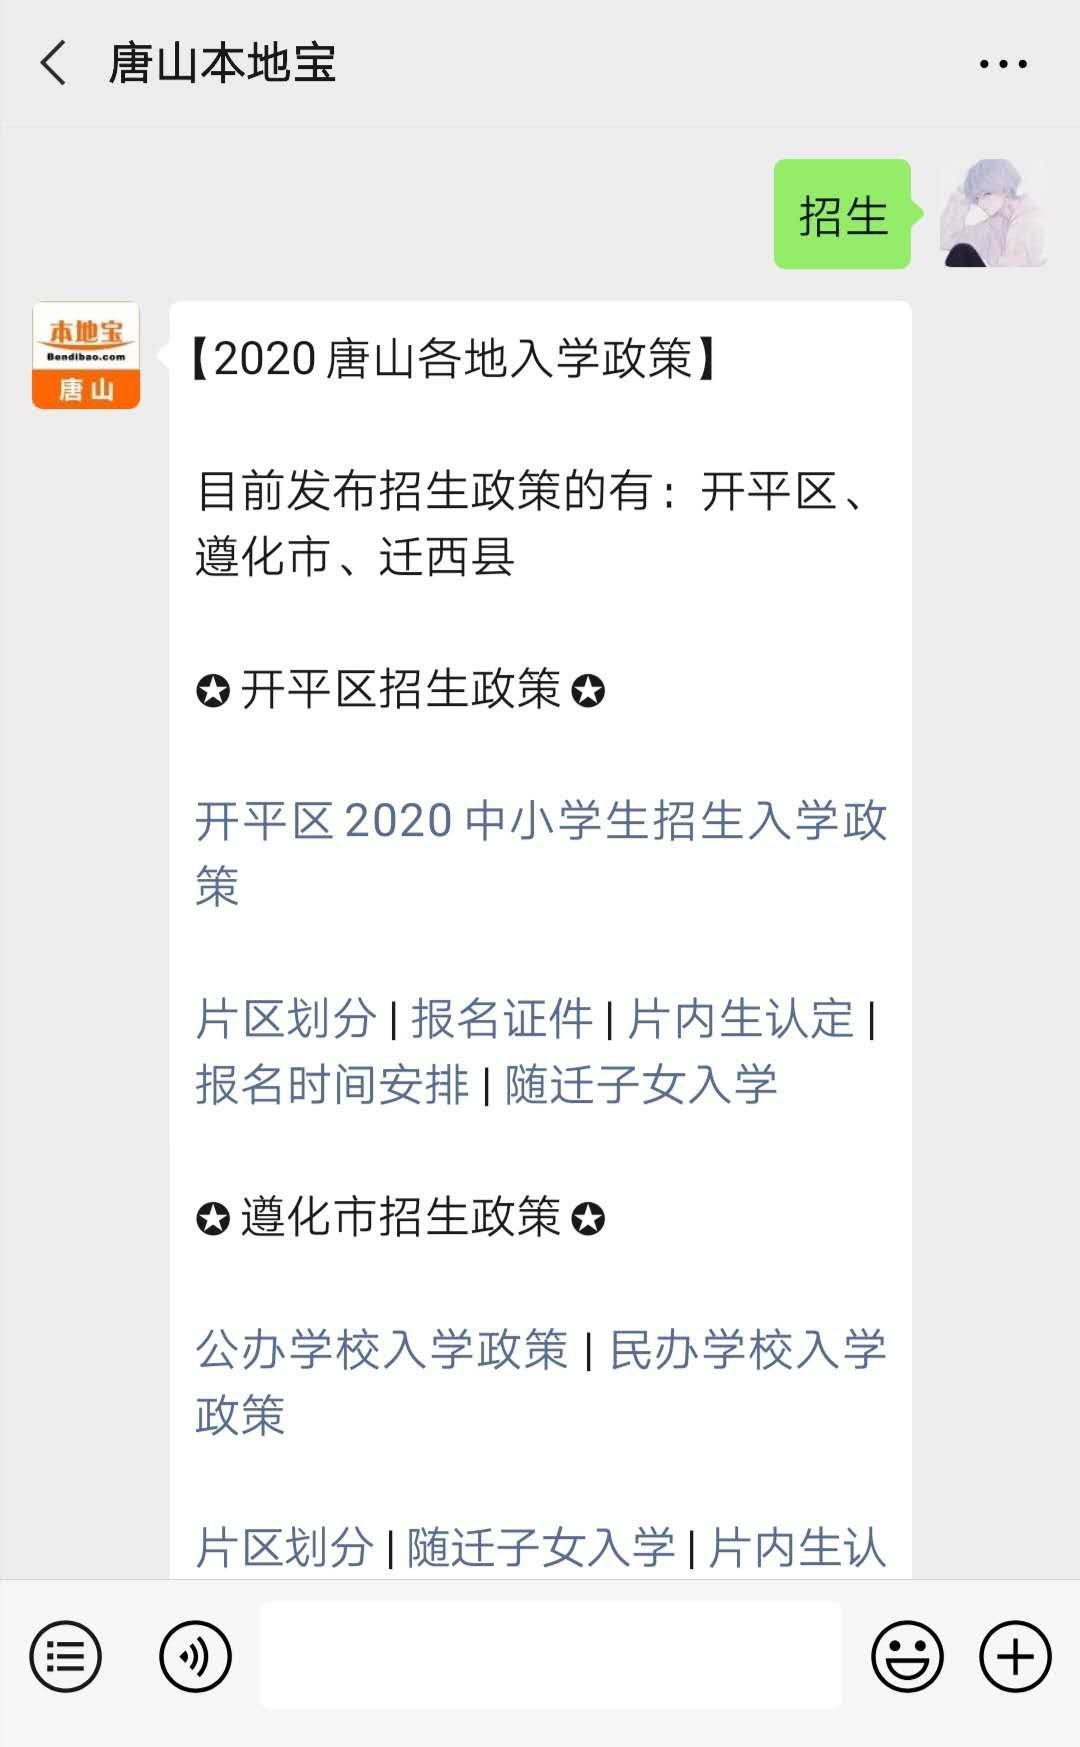 玉田县2020年中小学招生政策